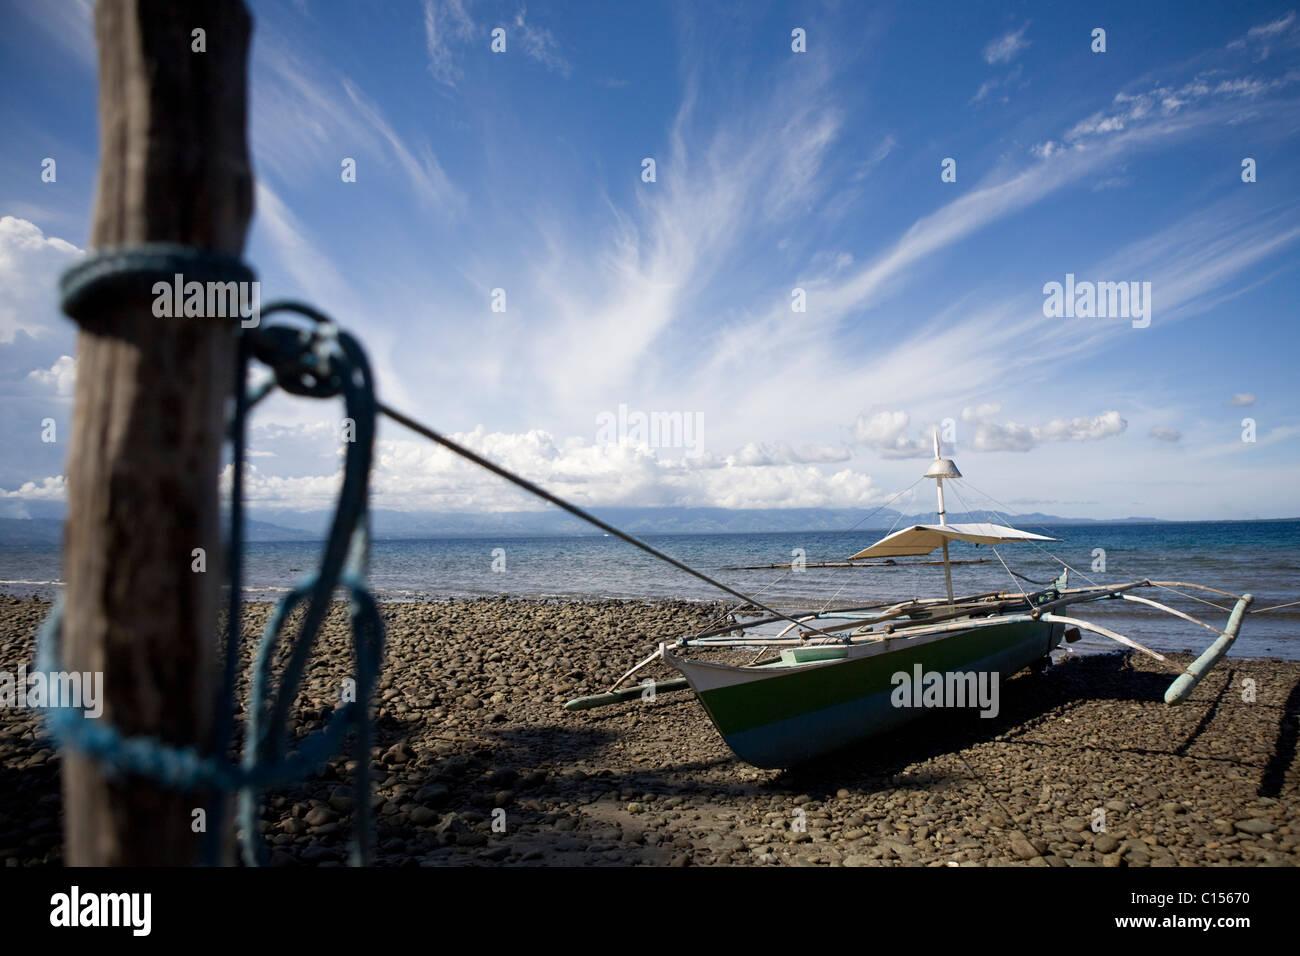 Fishing boat on coastline of Mindenao - Stock Image